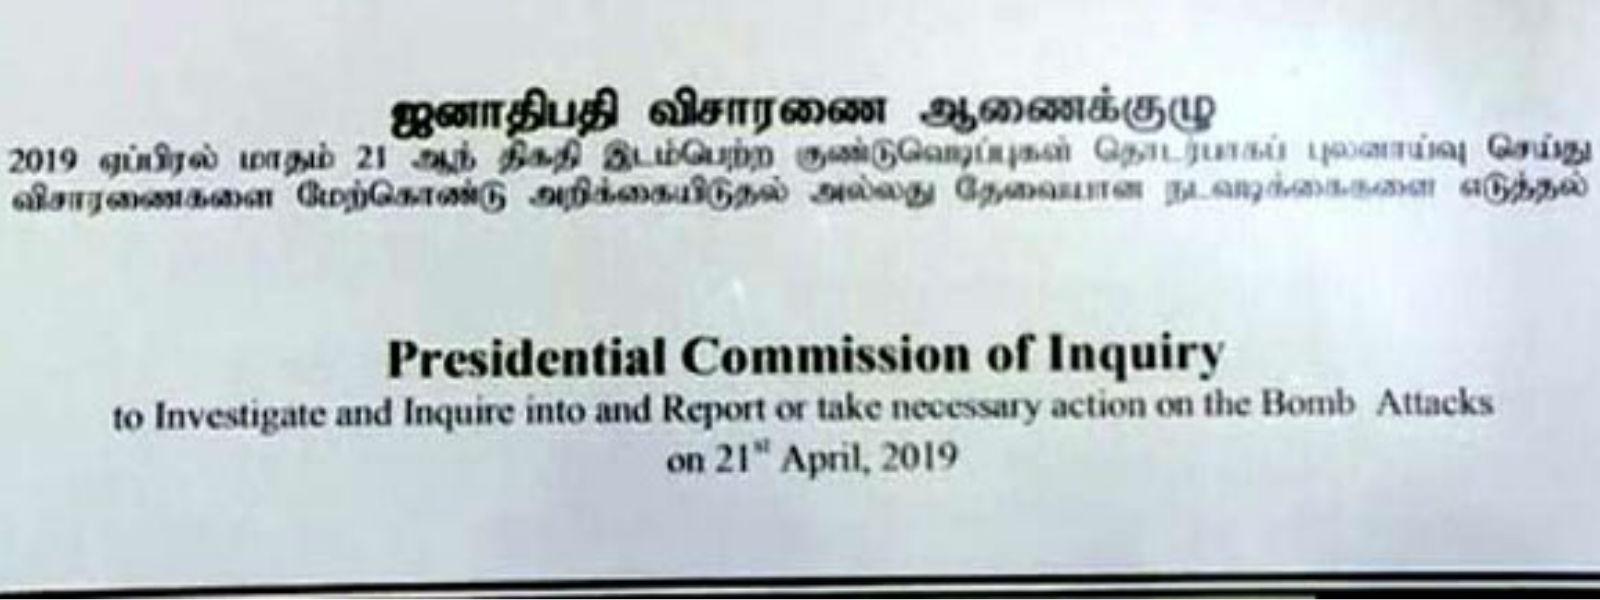 ஏப்ரல் தாக்குதல்; ஜனாதிபதி ஆணைக்குழுவில் 176 பேர் சாட்சியம்